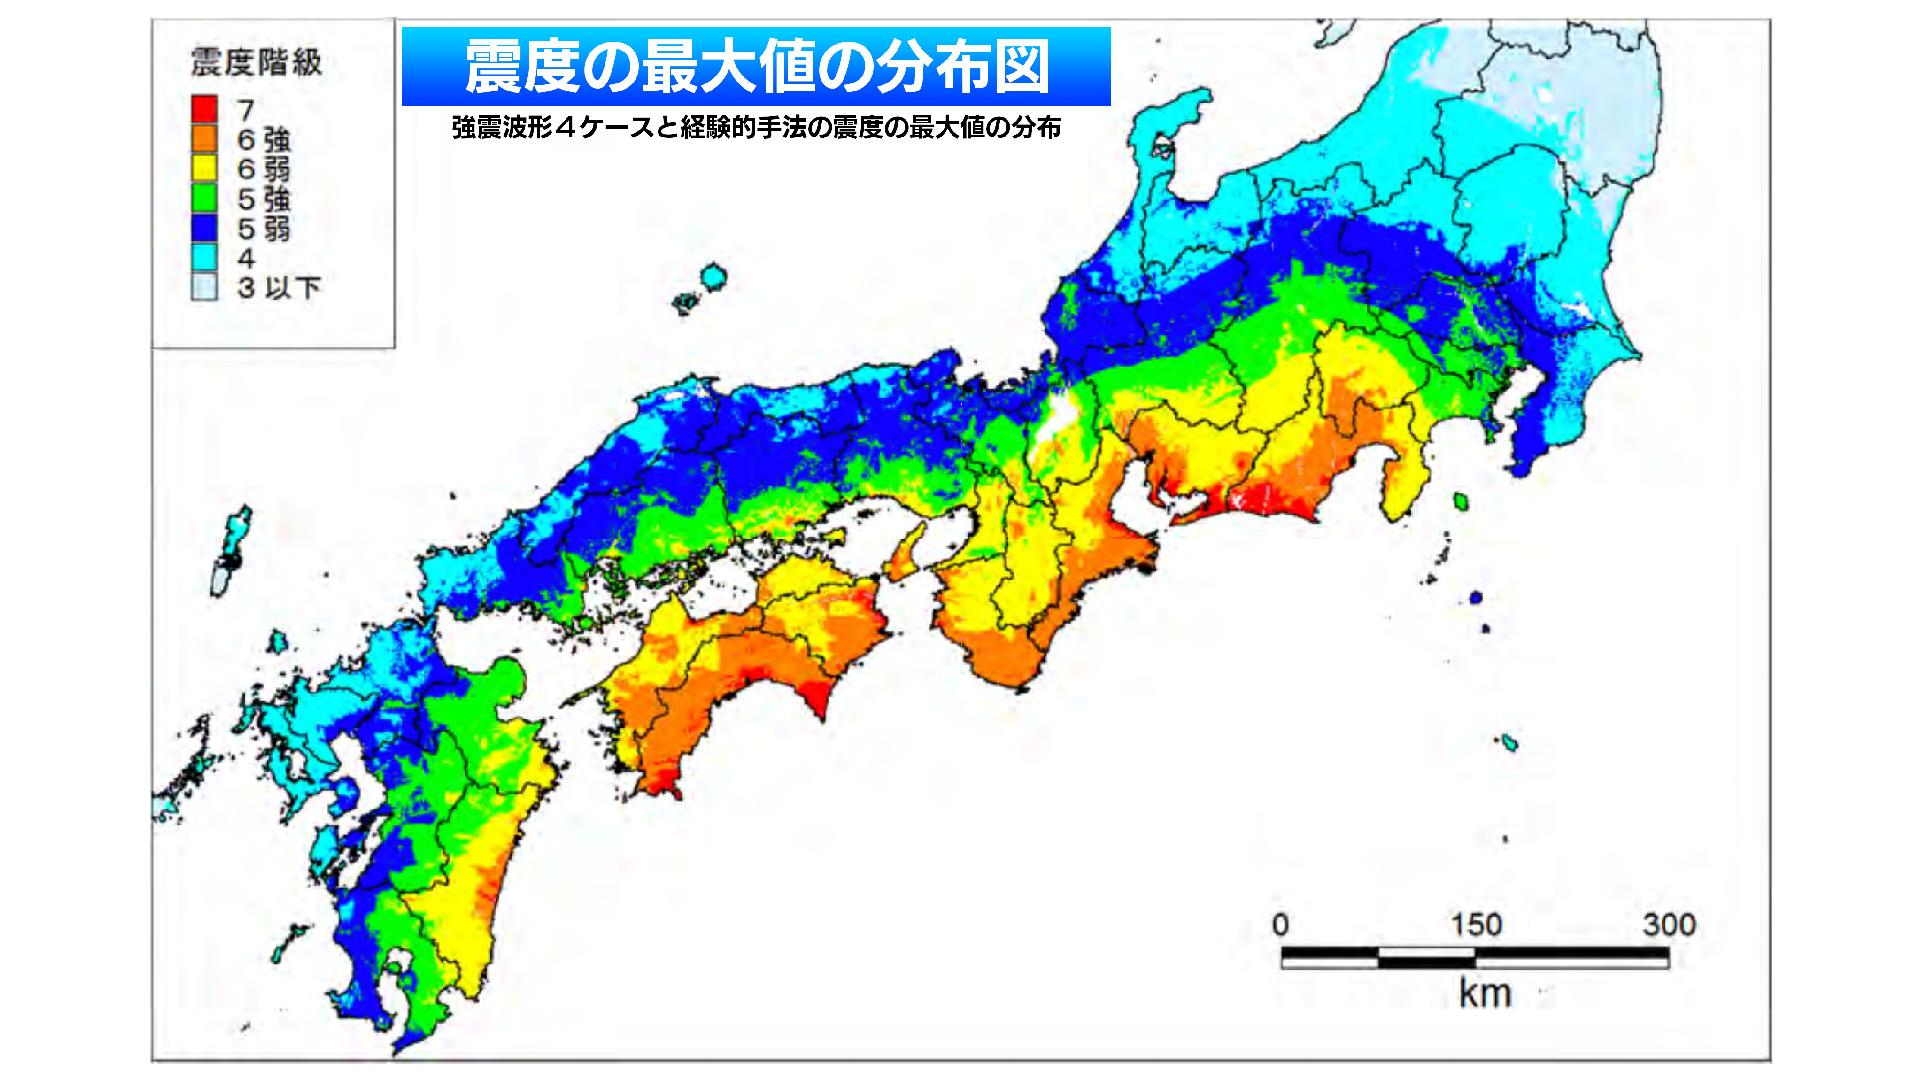 南海トラフ巨大地震の震度予測